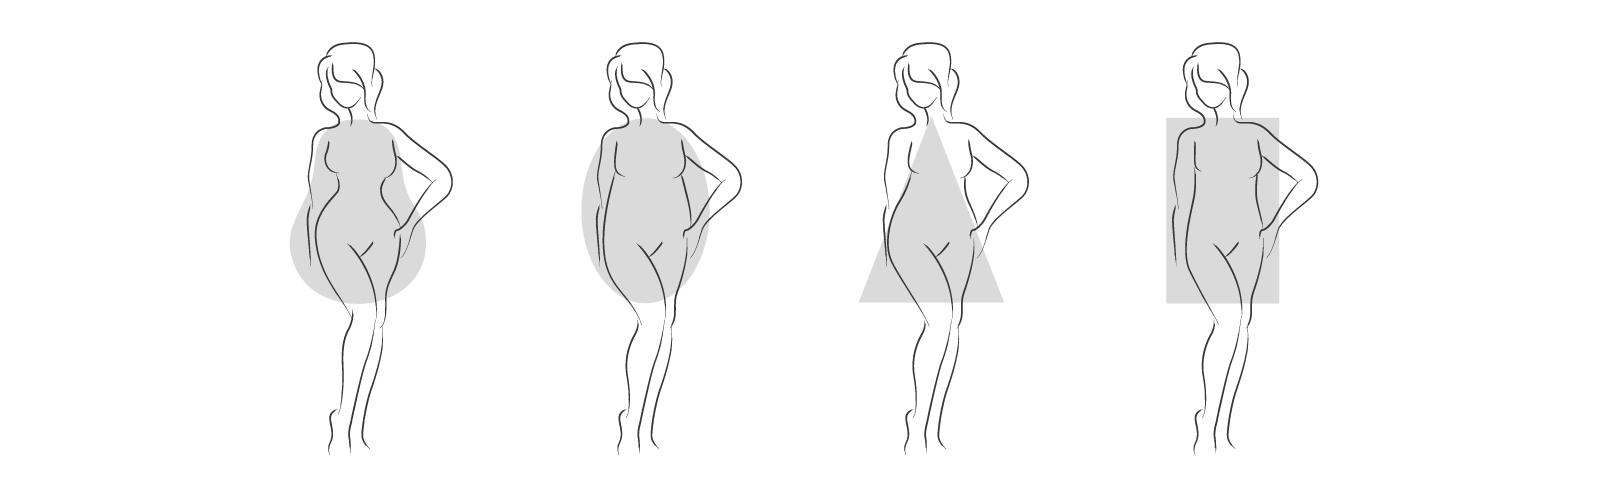 svenska-kläder-kroppsform-3.jpg